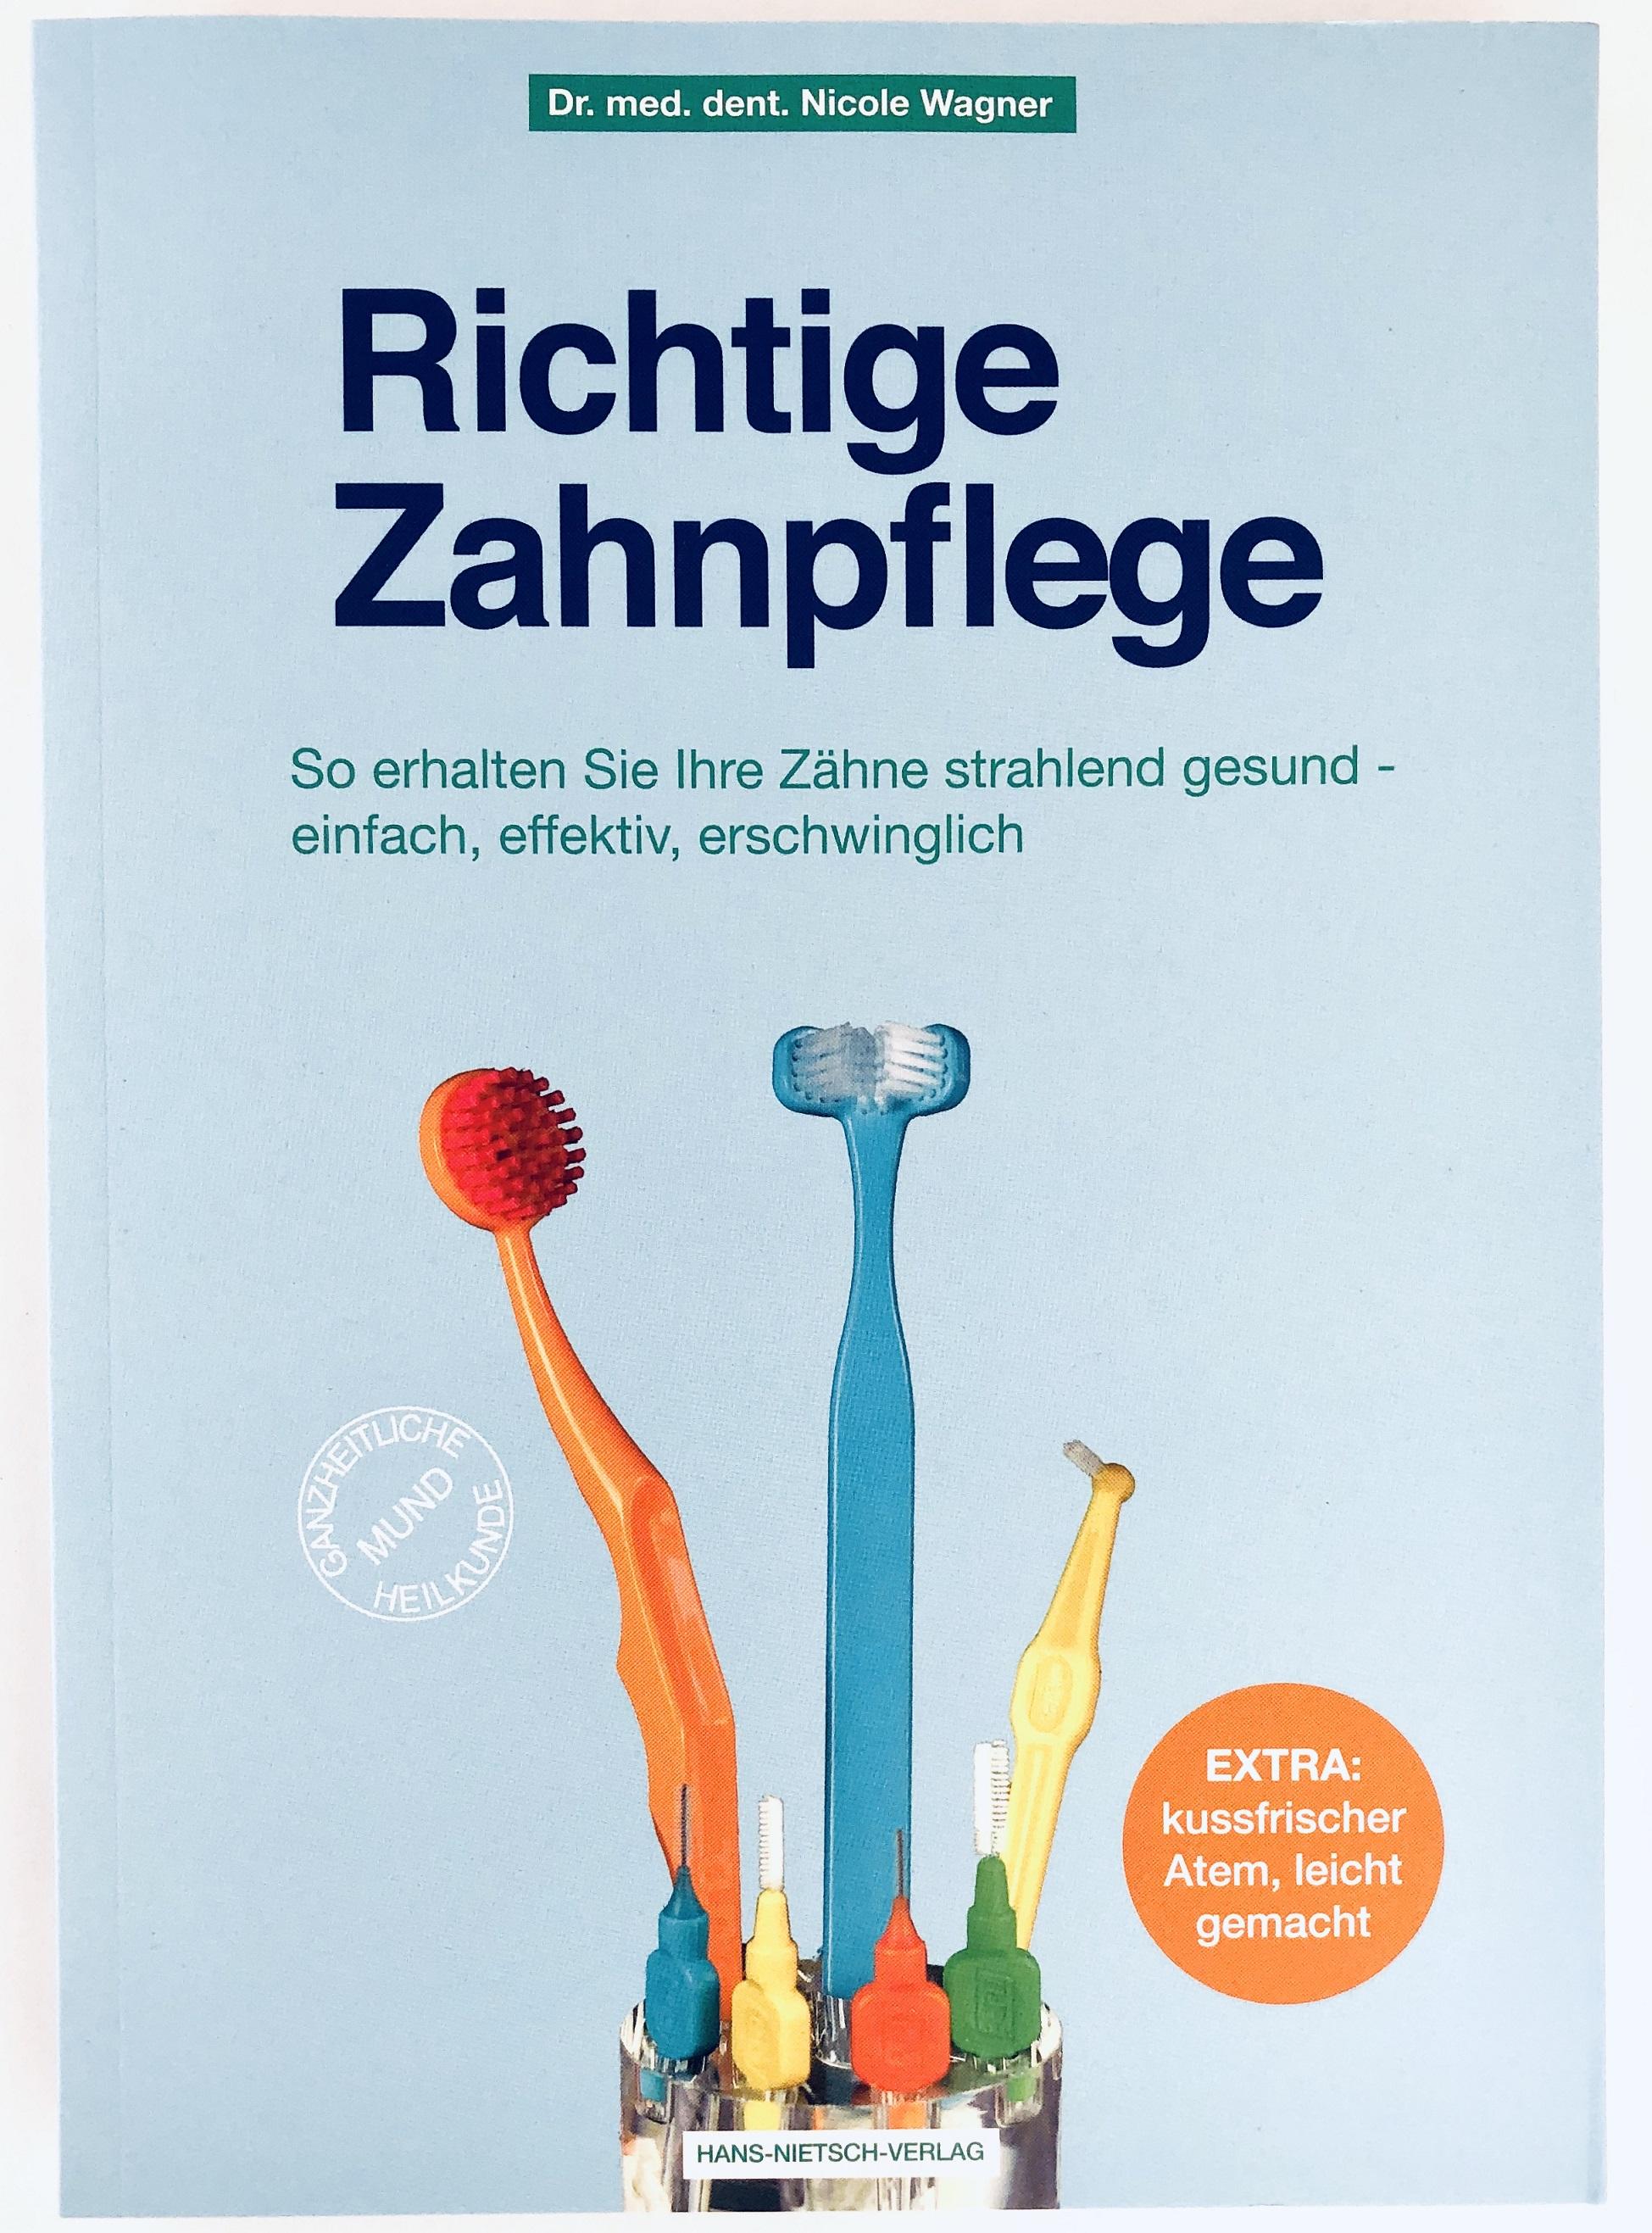 Buch: Richtige Zahnpflege So erhalten Sie Ihre Zähne strahlend gesund, einfach, effektiv, erschwinglich